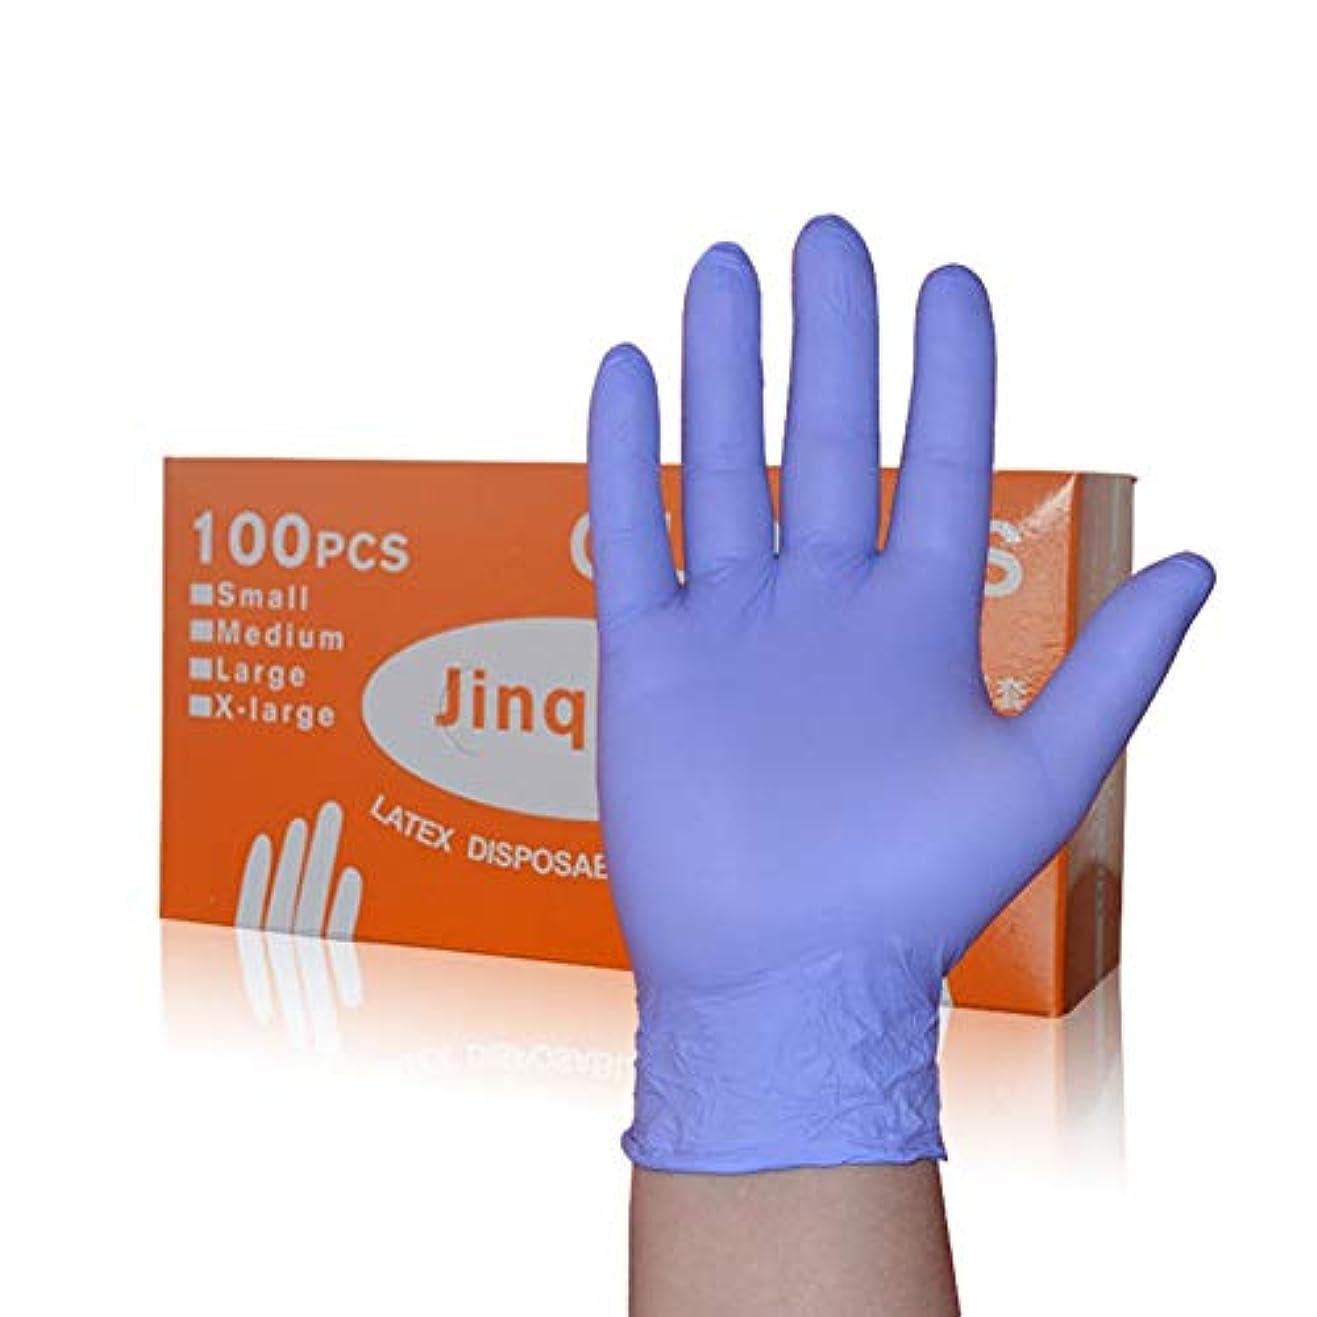 ギャラントリー健康デイジー箱入りA級Dingqing使い捨て手袋食品キッチンケータリング家事歯科手袋 YANW (色 : 紫の, サイズ さいず : L l)